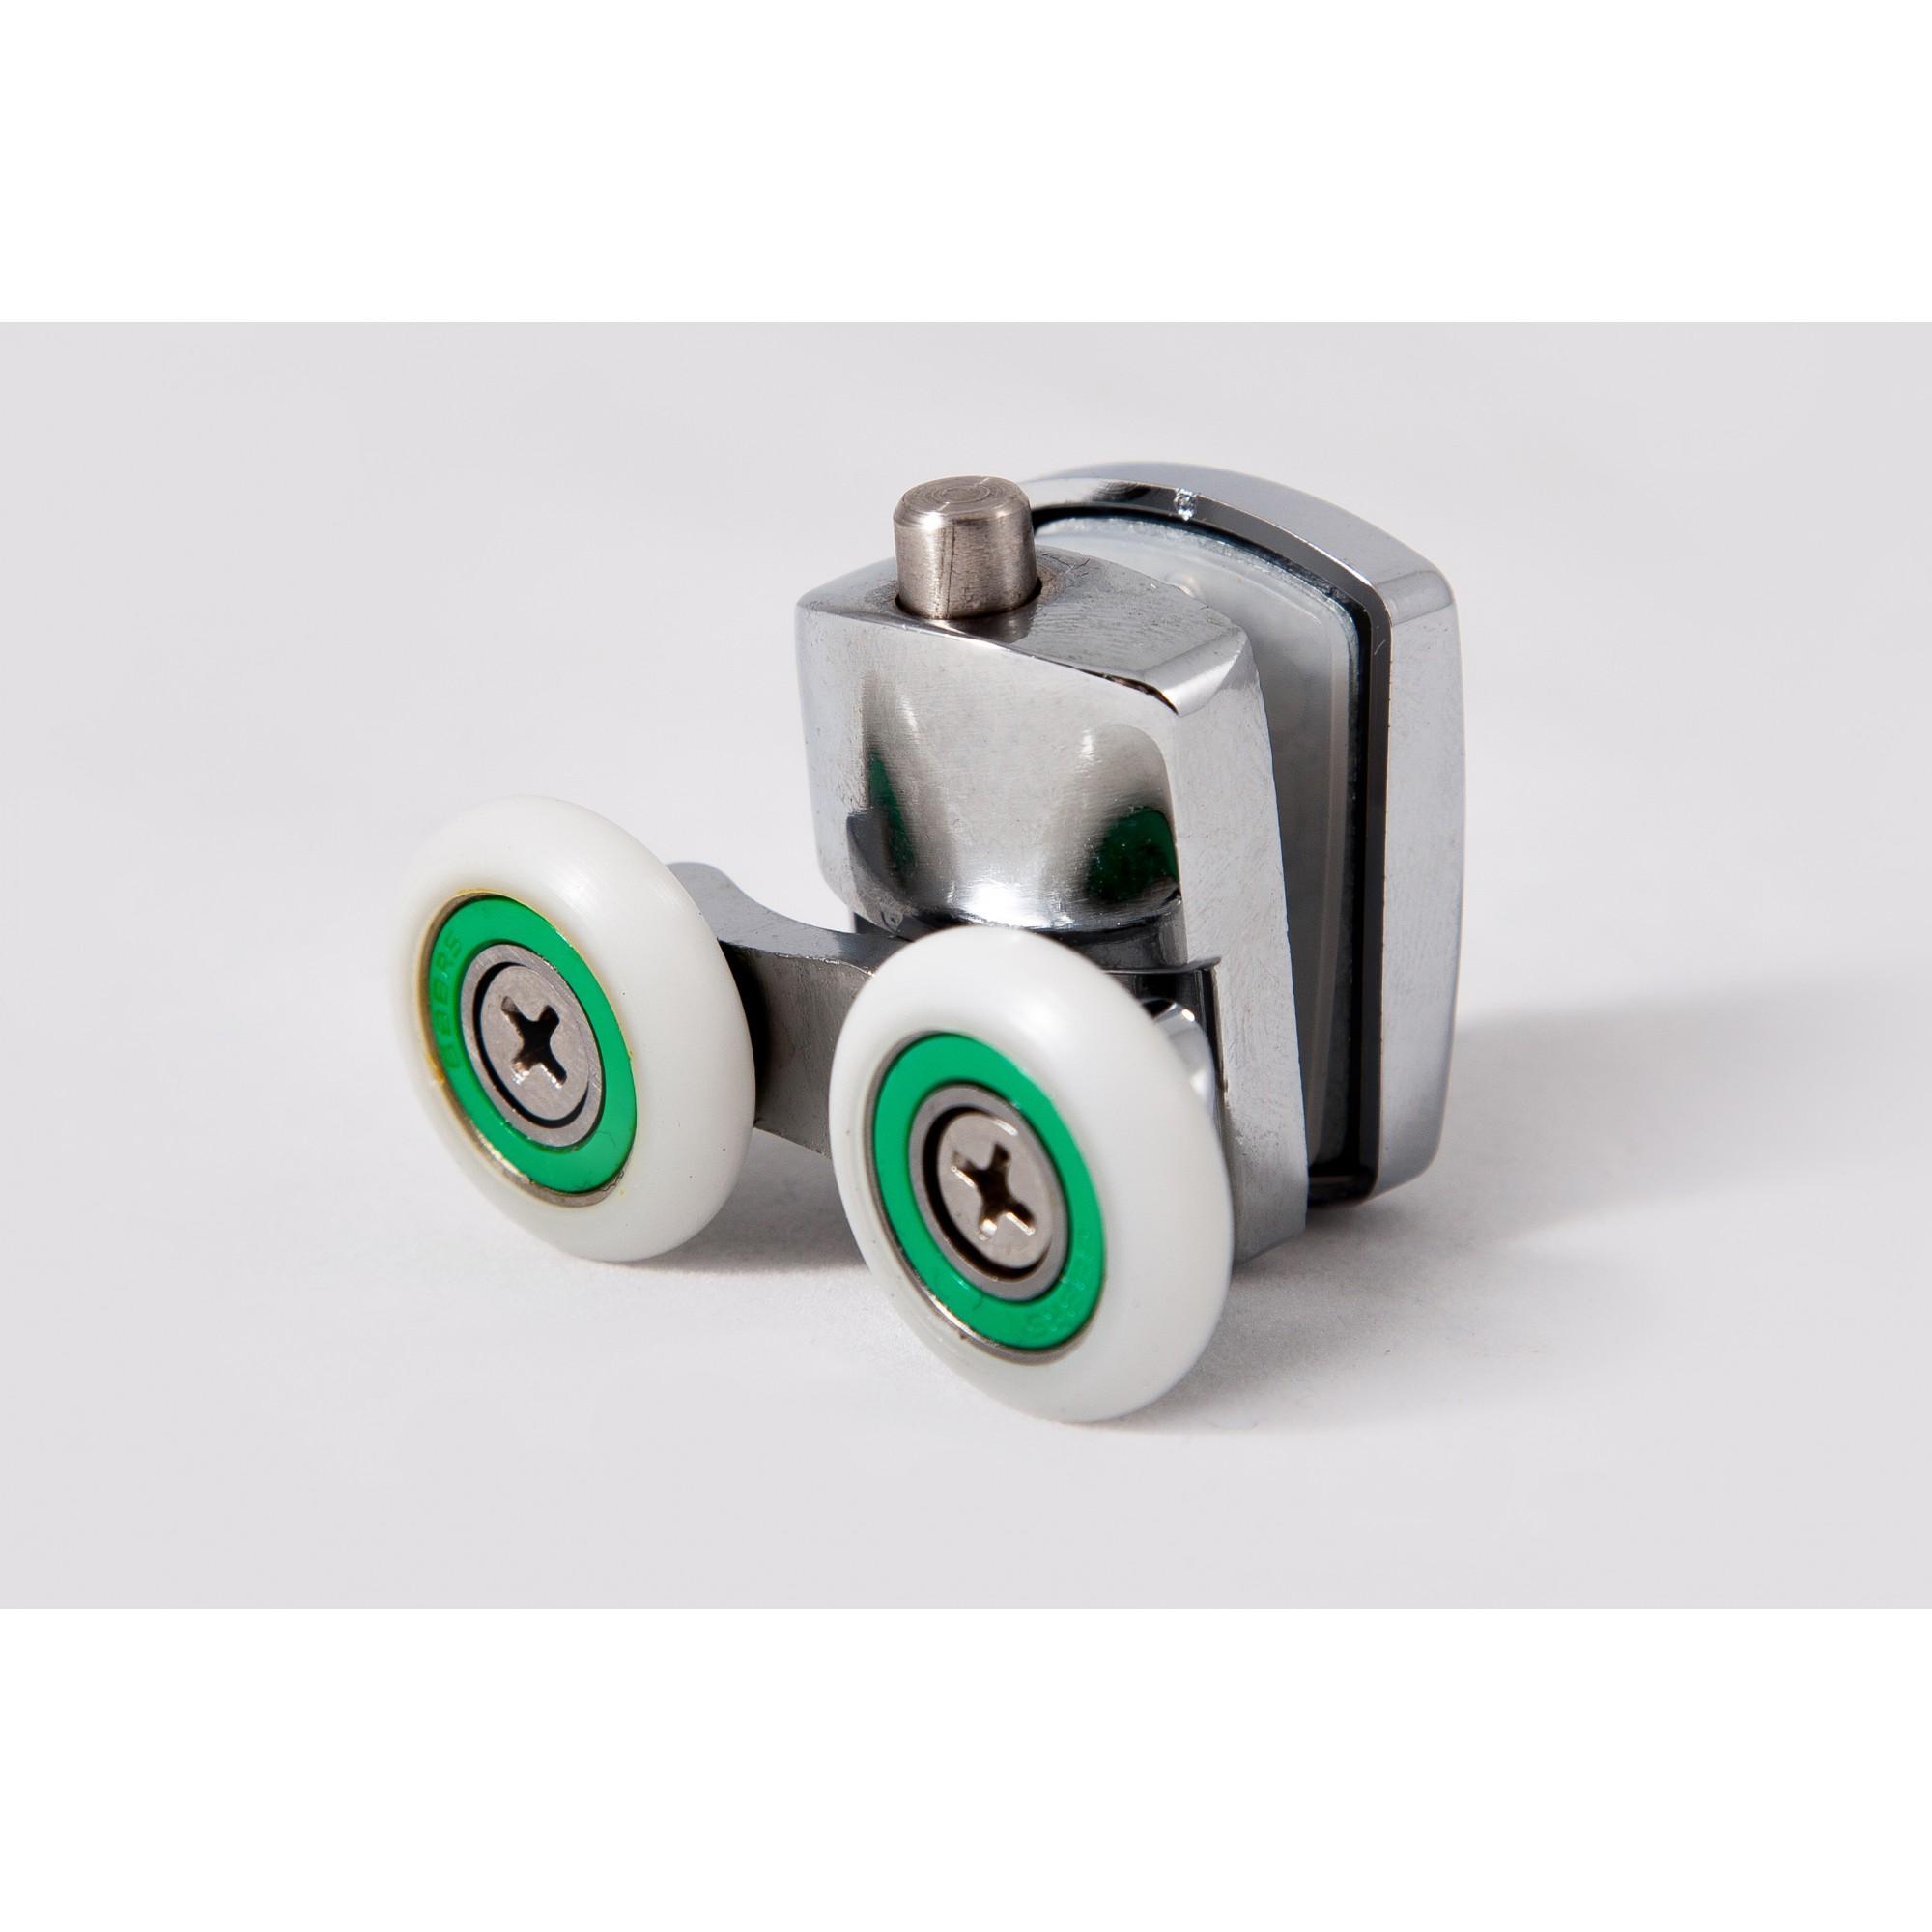 Ролик для душевой кабины двойной с кнопкой, нижний, 23 мм ANGO 10048down ANGO